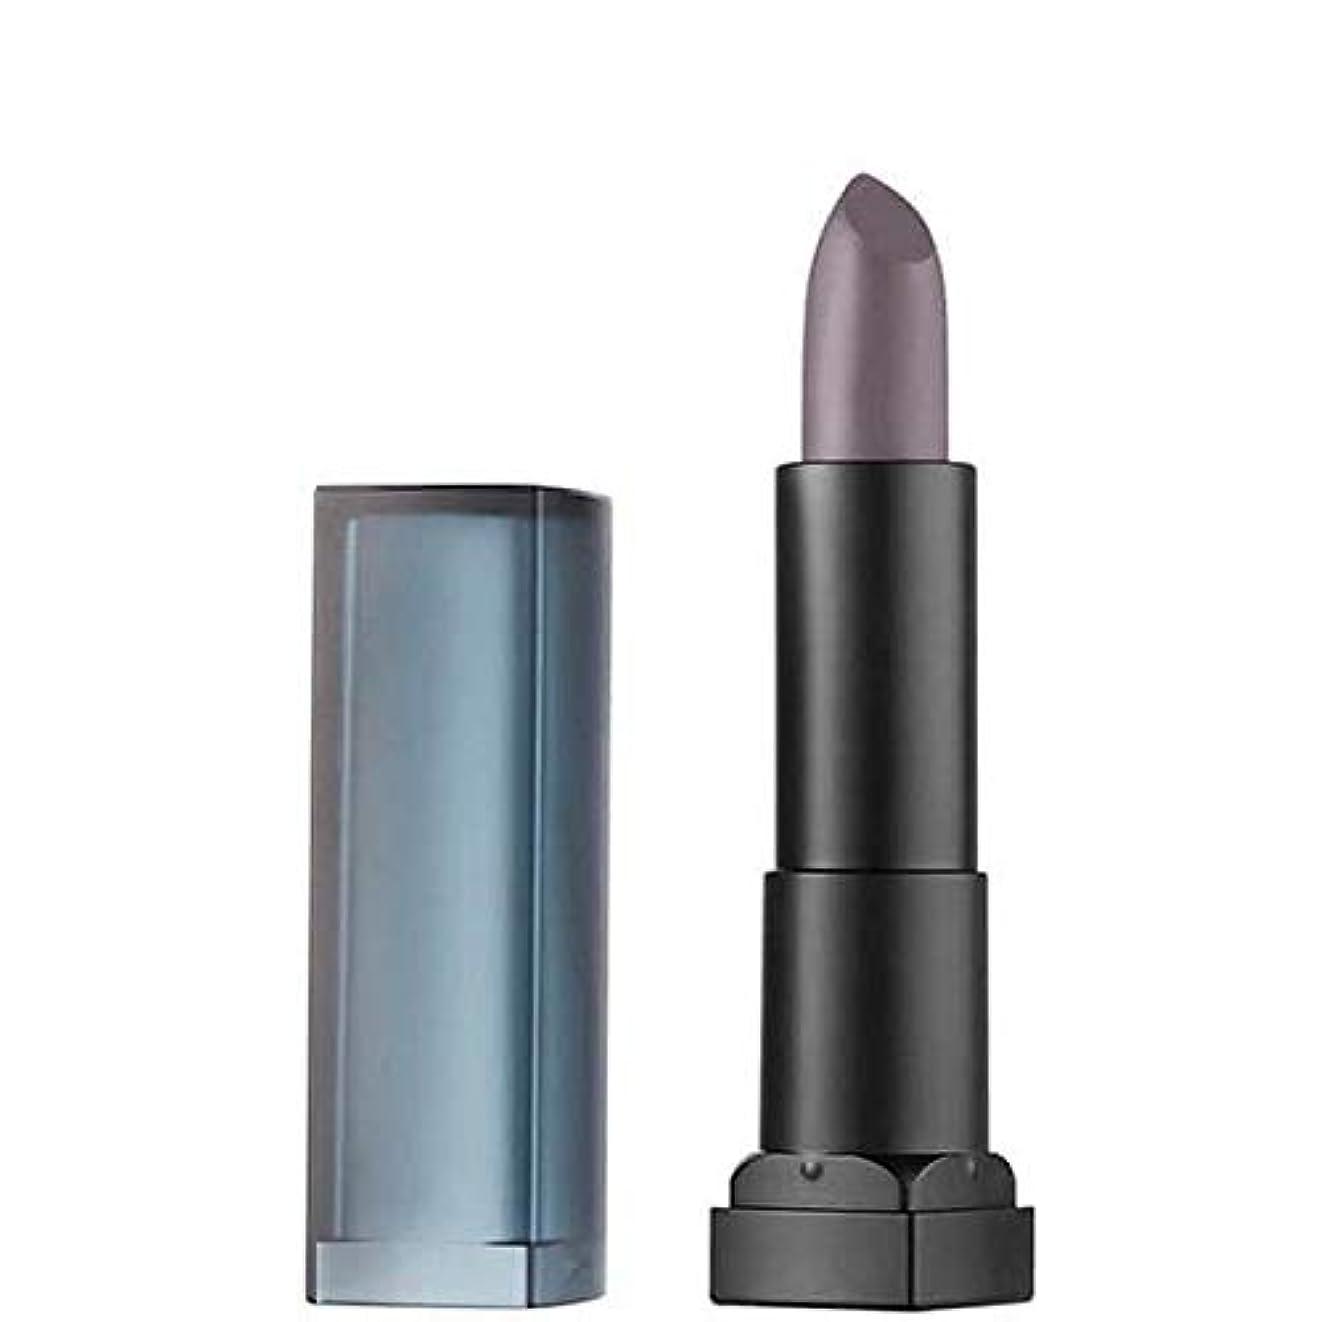 ビジネス予測骨折[Maybelline ] メイベリンカラー扇情的なマットな口紅25冷却グレー - Maybelline Color Sensational Matte Lipstick 25 Chilling Grey [並行輸入品]